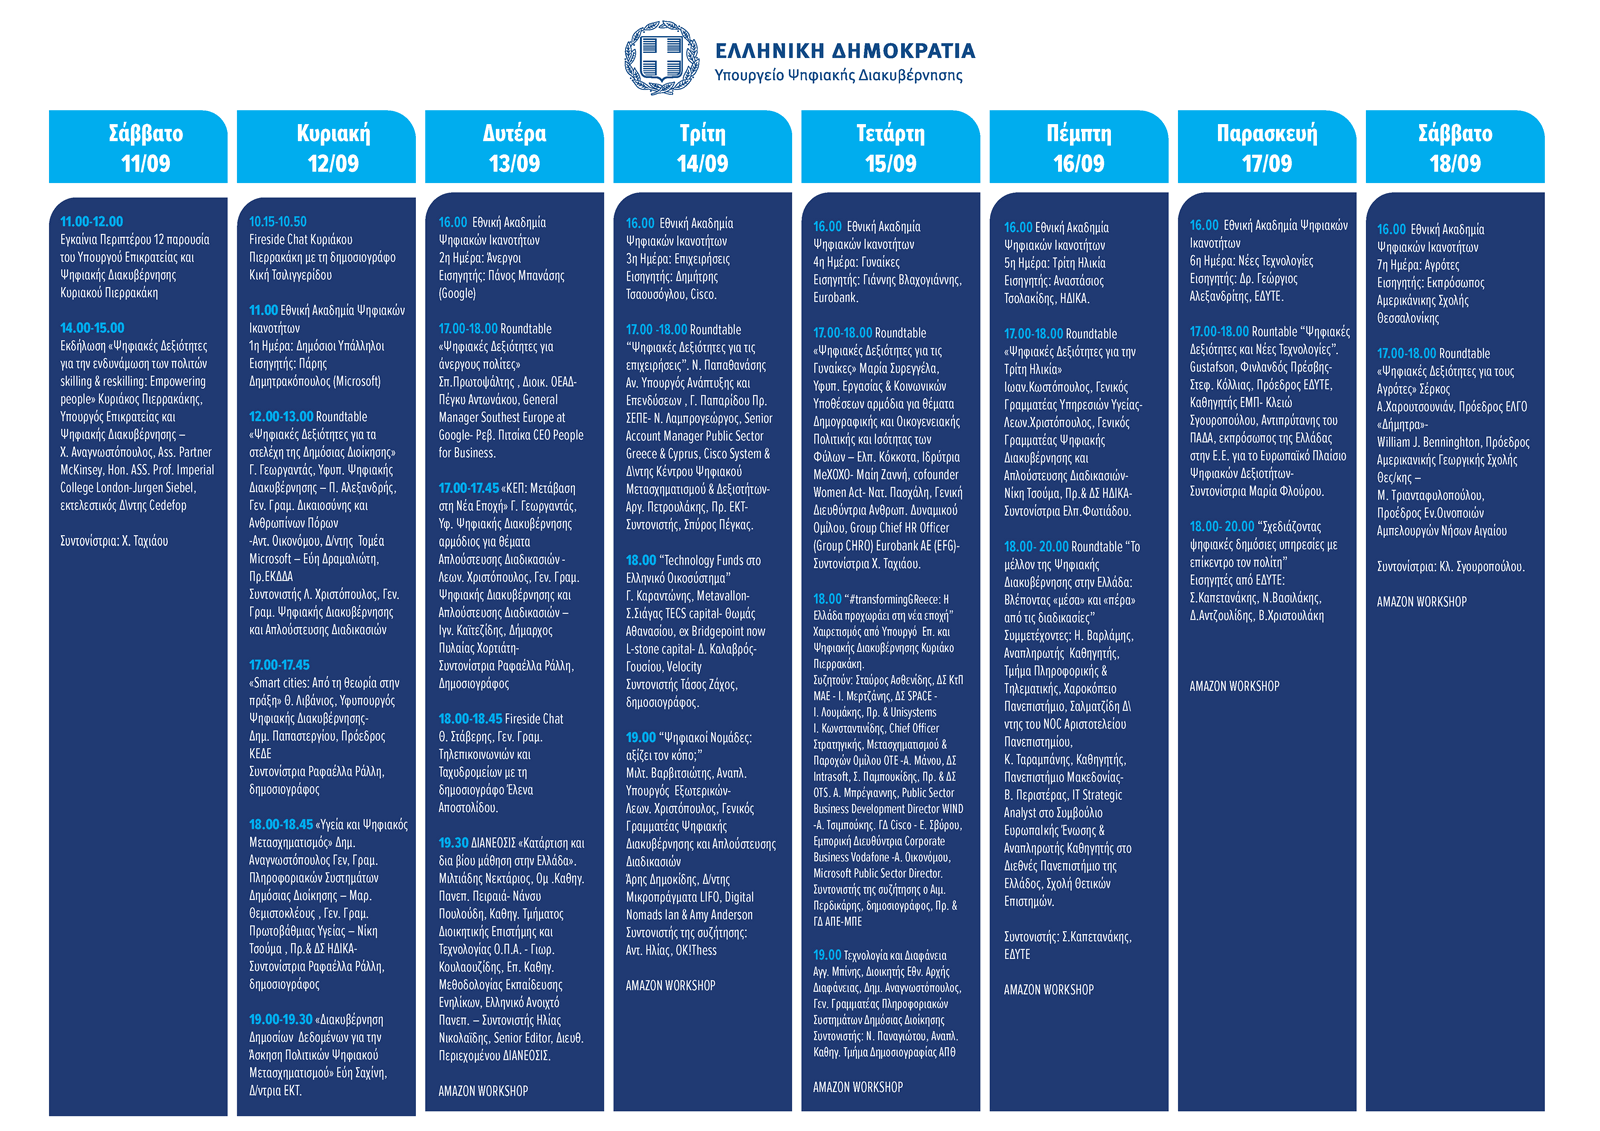 Το πρόγραμμα του Υπουργείου Ψηφιακής Διακυβέρνησης στην 85η ΔΕΘ